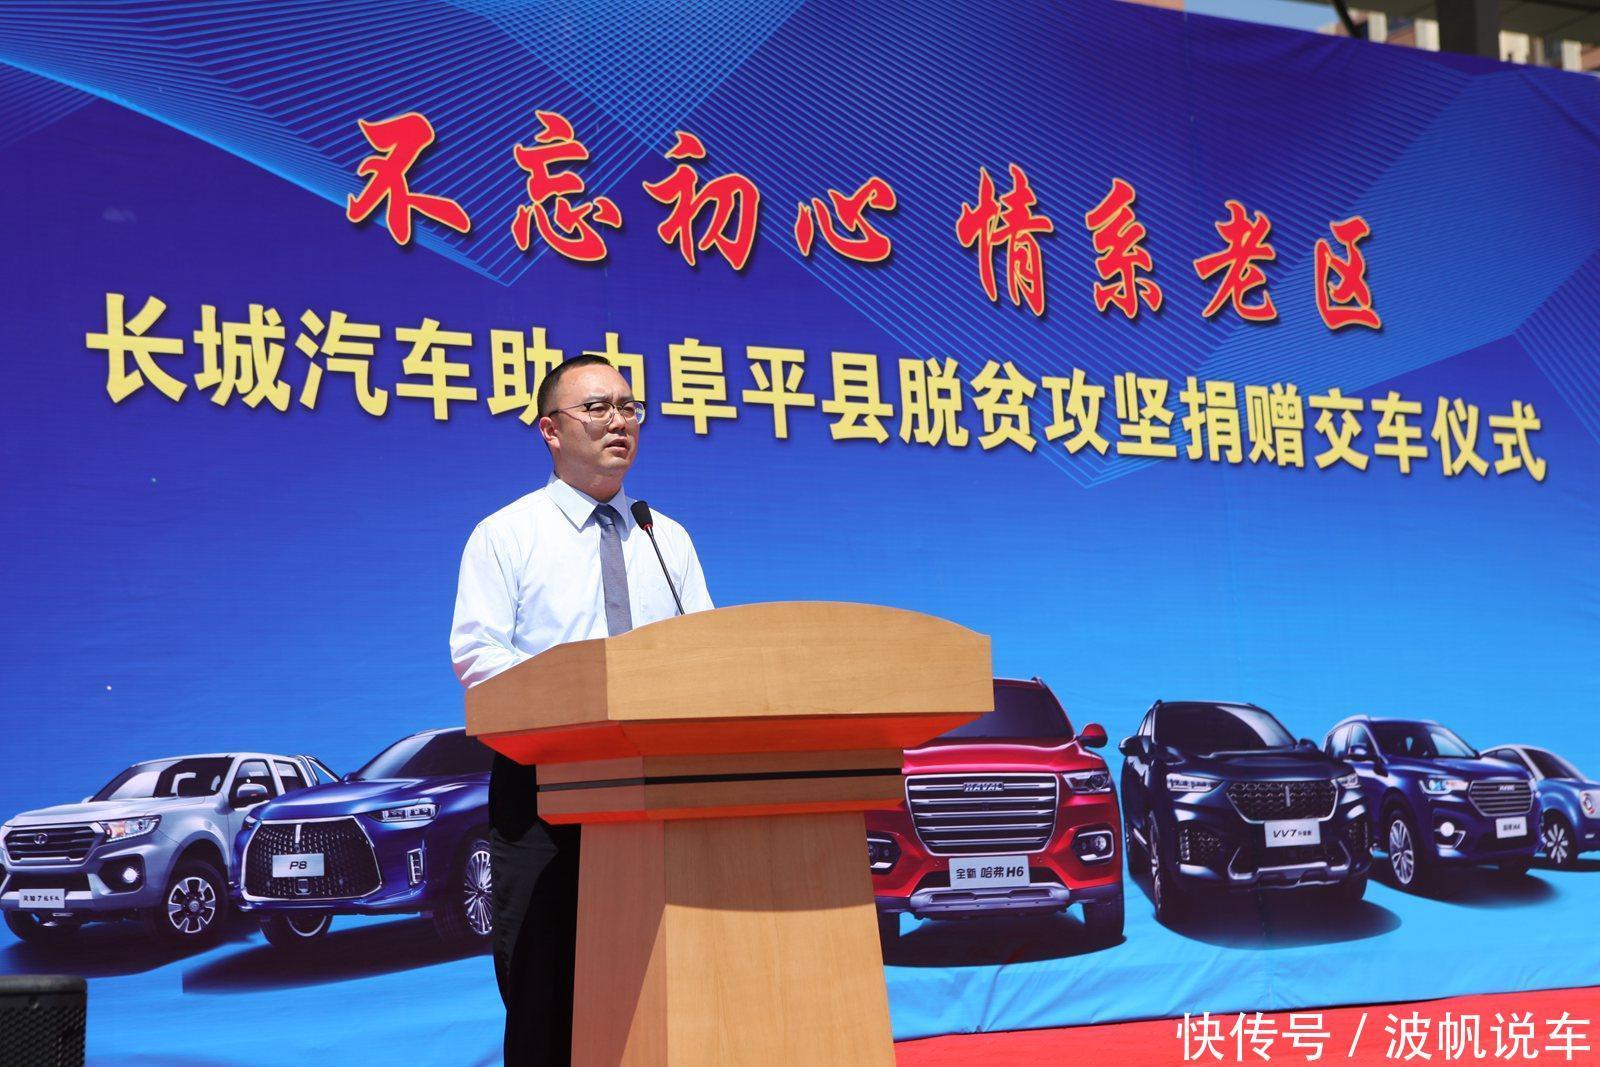 长城设备车辆千万元价值及汽车正式捐赠阜平县保鲜盒塑料盖v设备图片